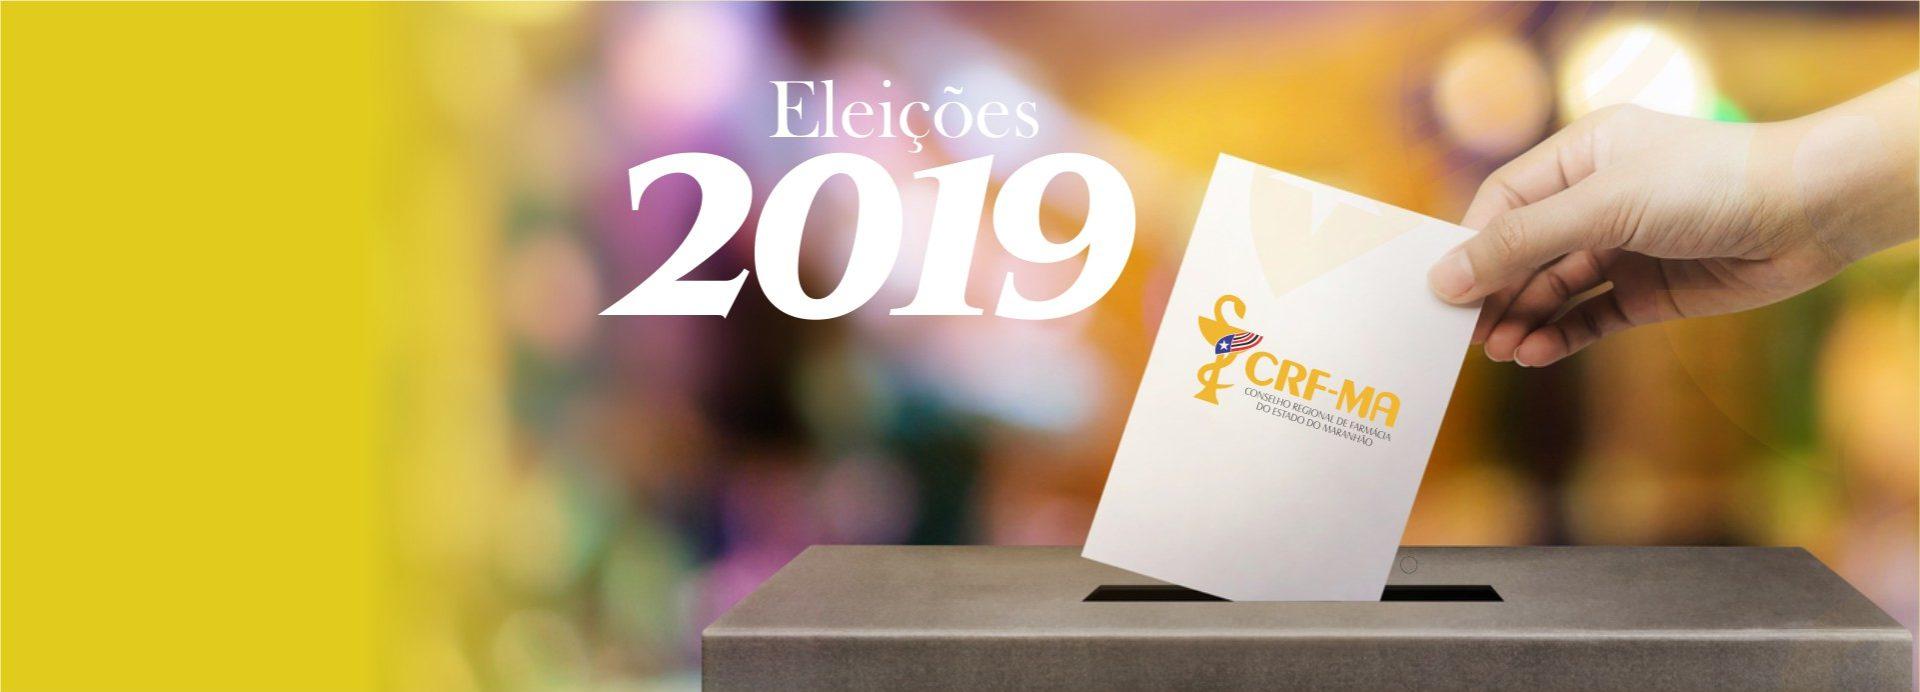 Confira o Resultados das Eleições do CRFMA